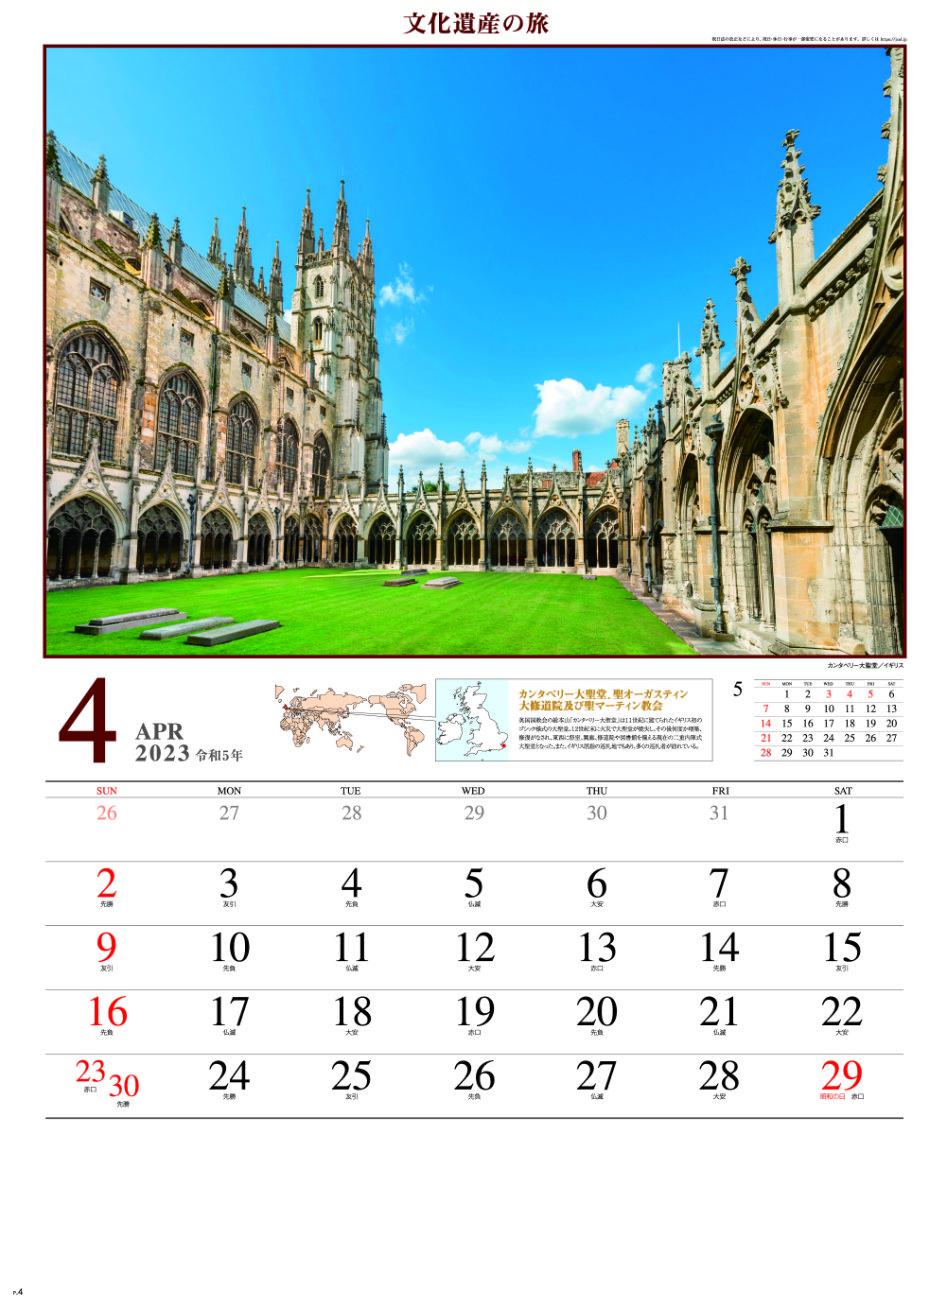 4月 ボン・デュ・ガール フランス 文化遺産の旅(ユネスコ世界遺産) 2022年カレンダーの画像